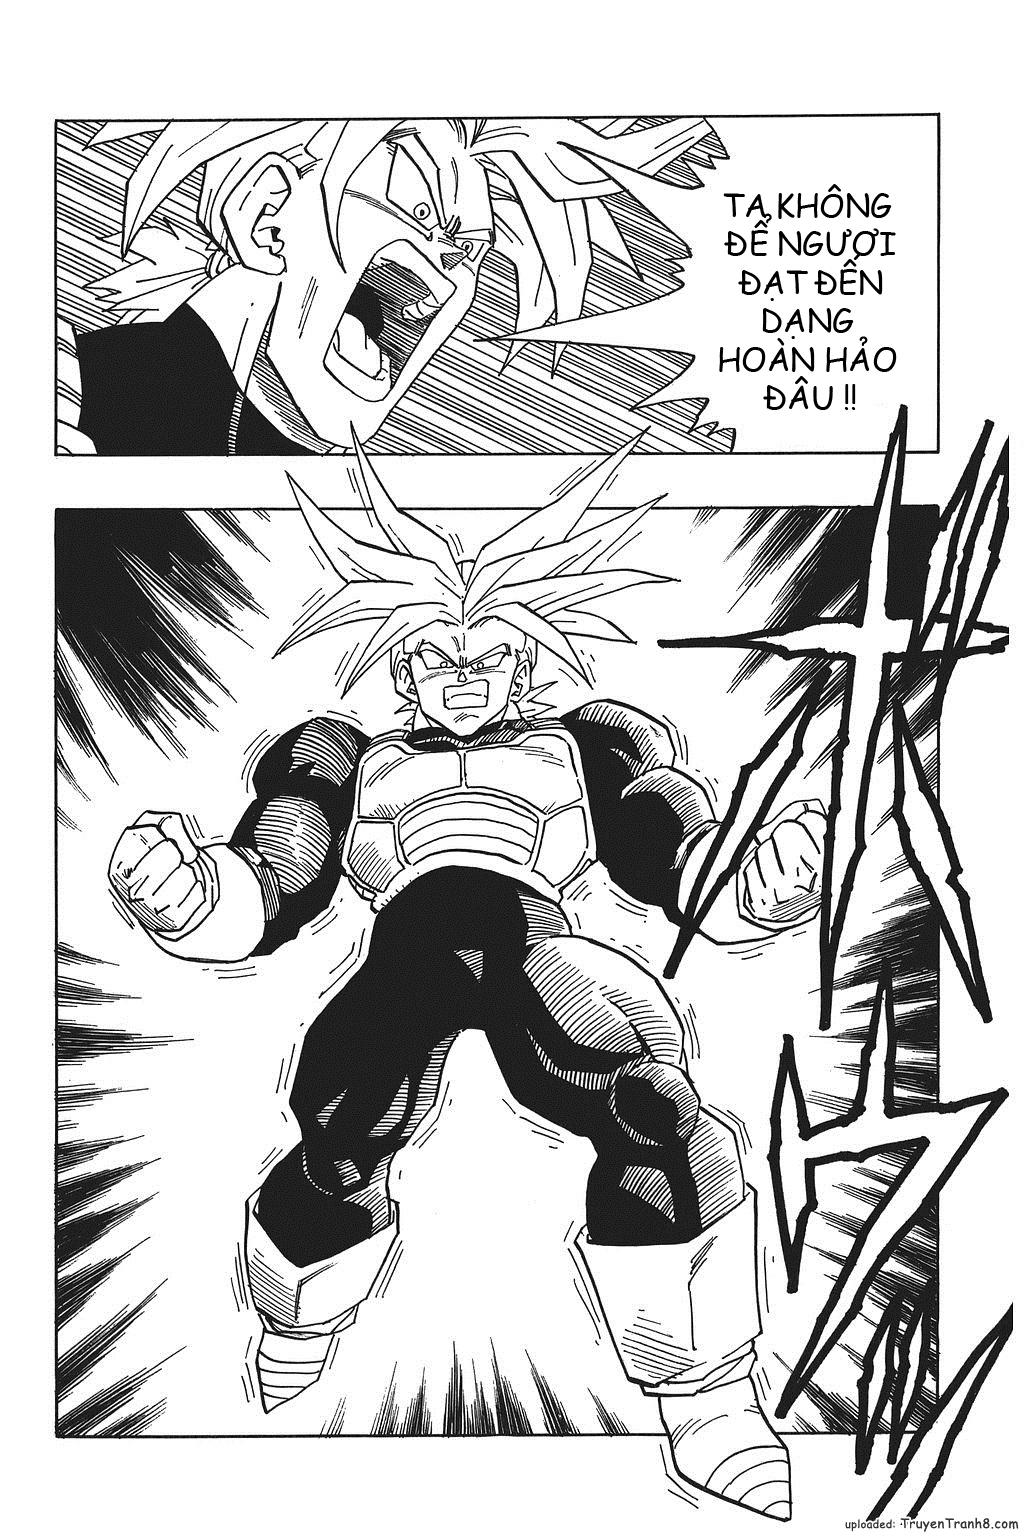 xem truyen moi - Dragon Ball Bản Vip - Bản Đẹp Nguyên Gốc Chap 381